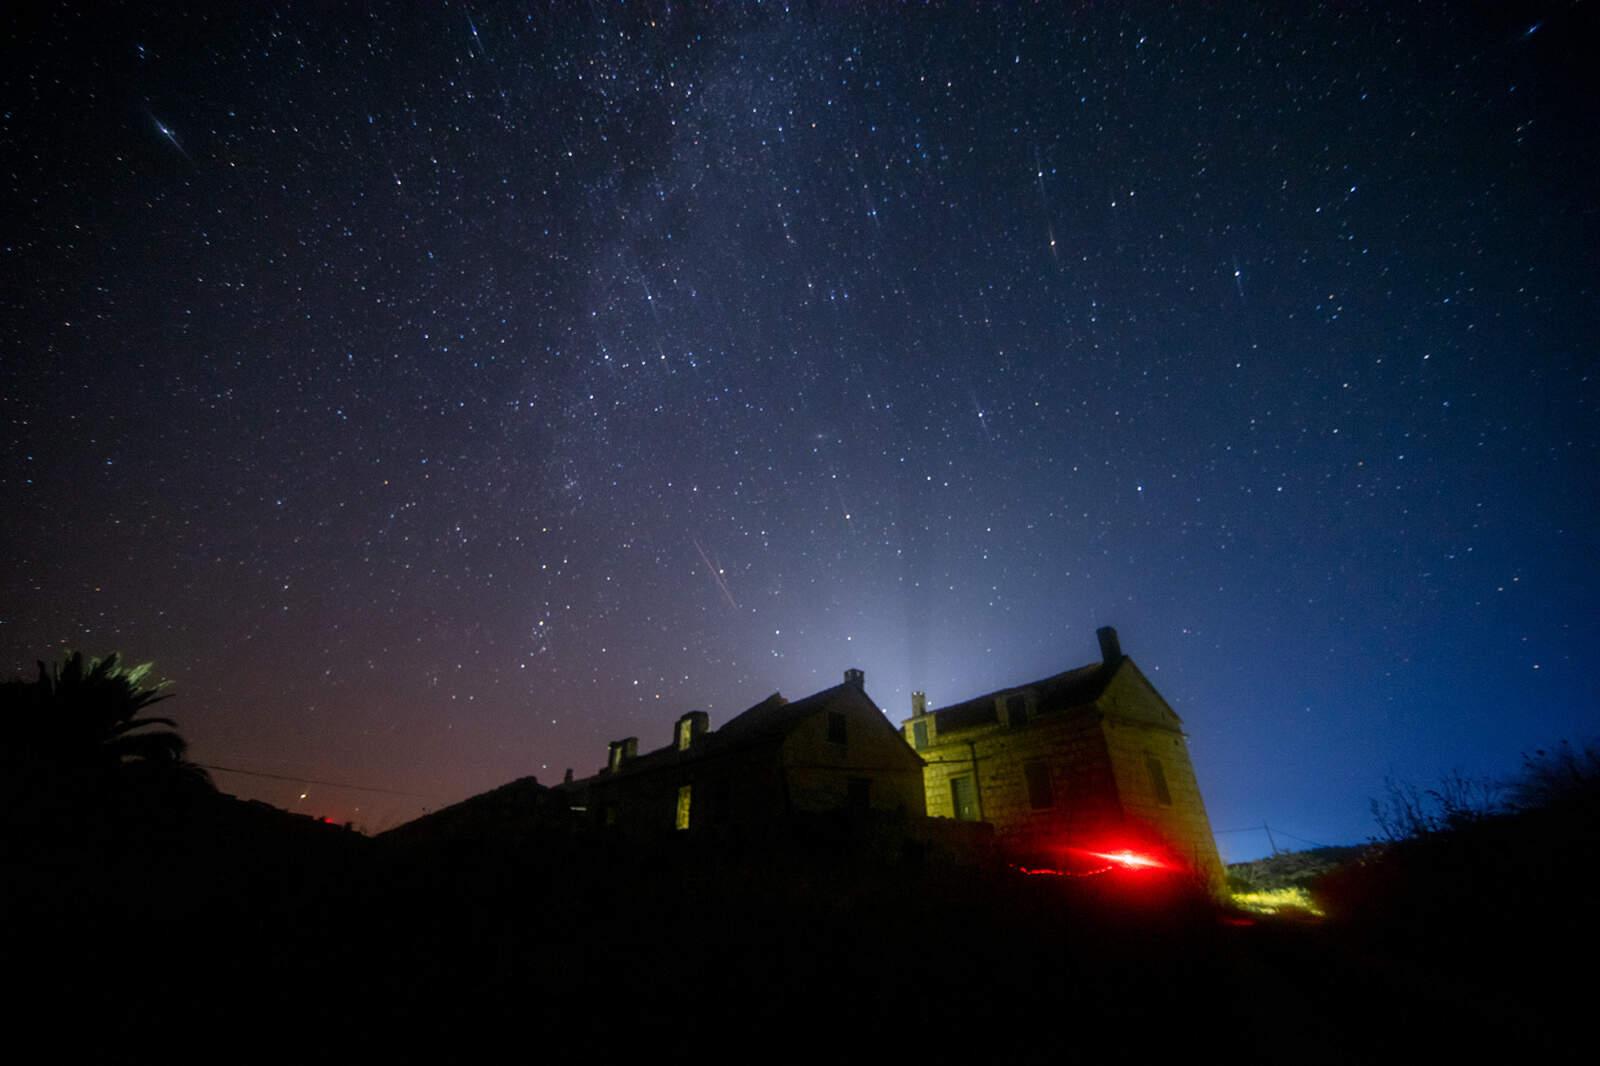 Zvjezdano nebo bez svjetlosnog onečišćenja